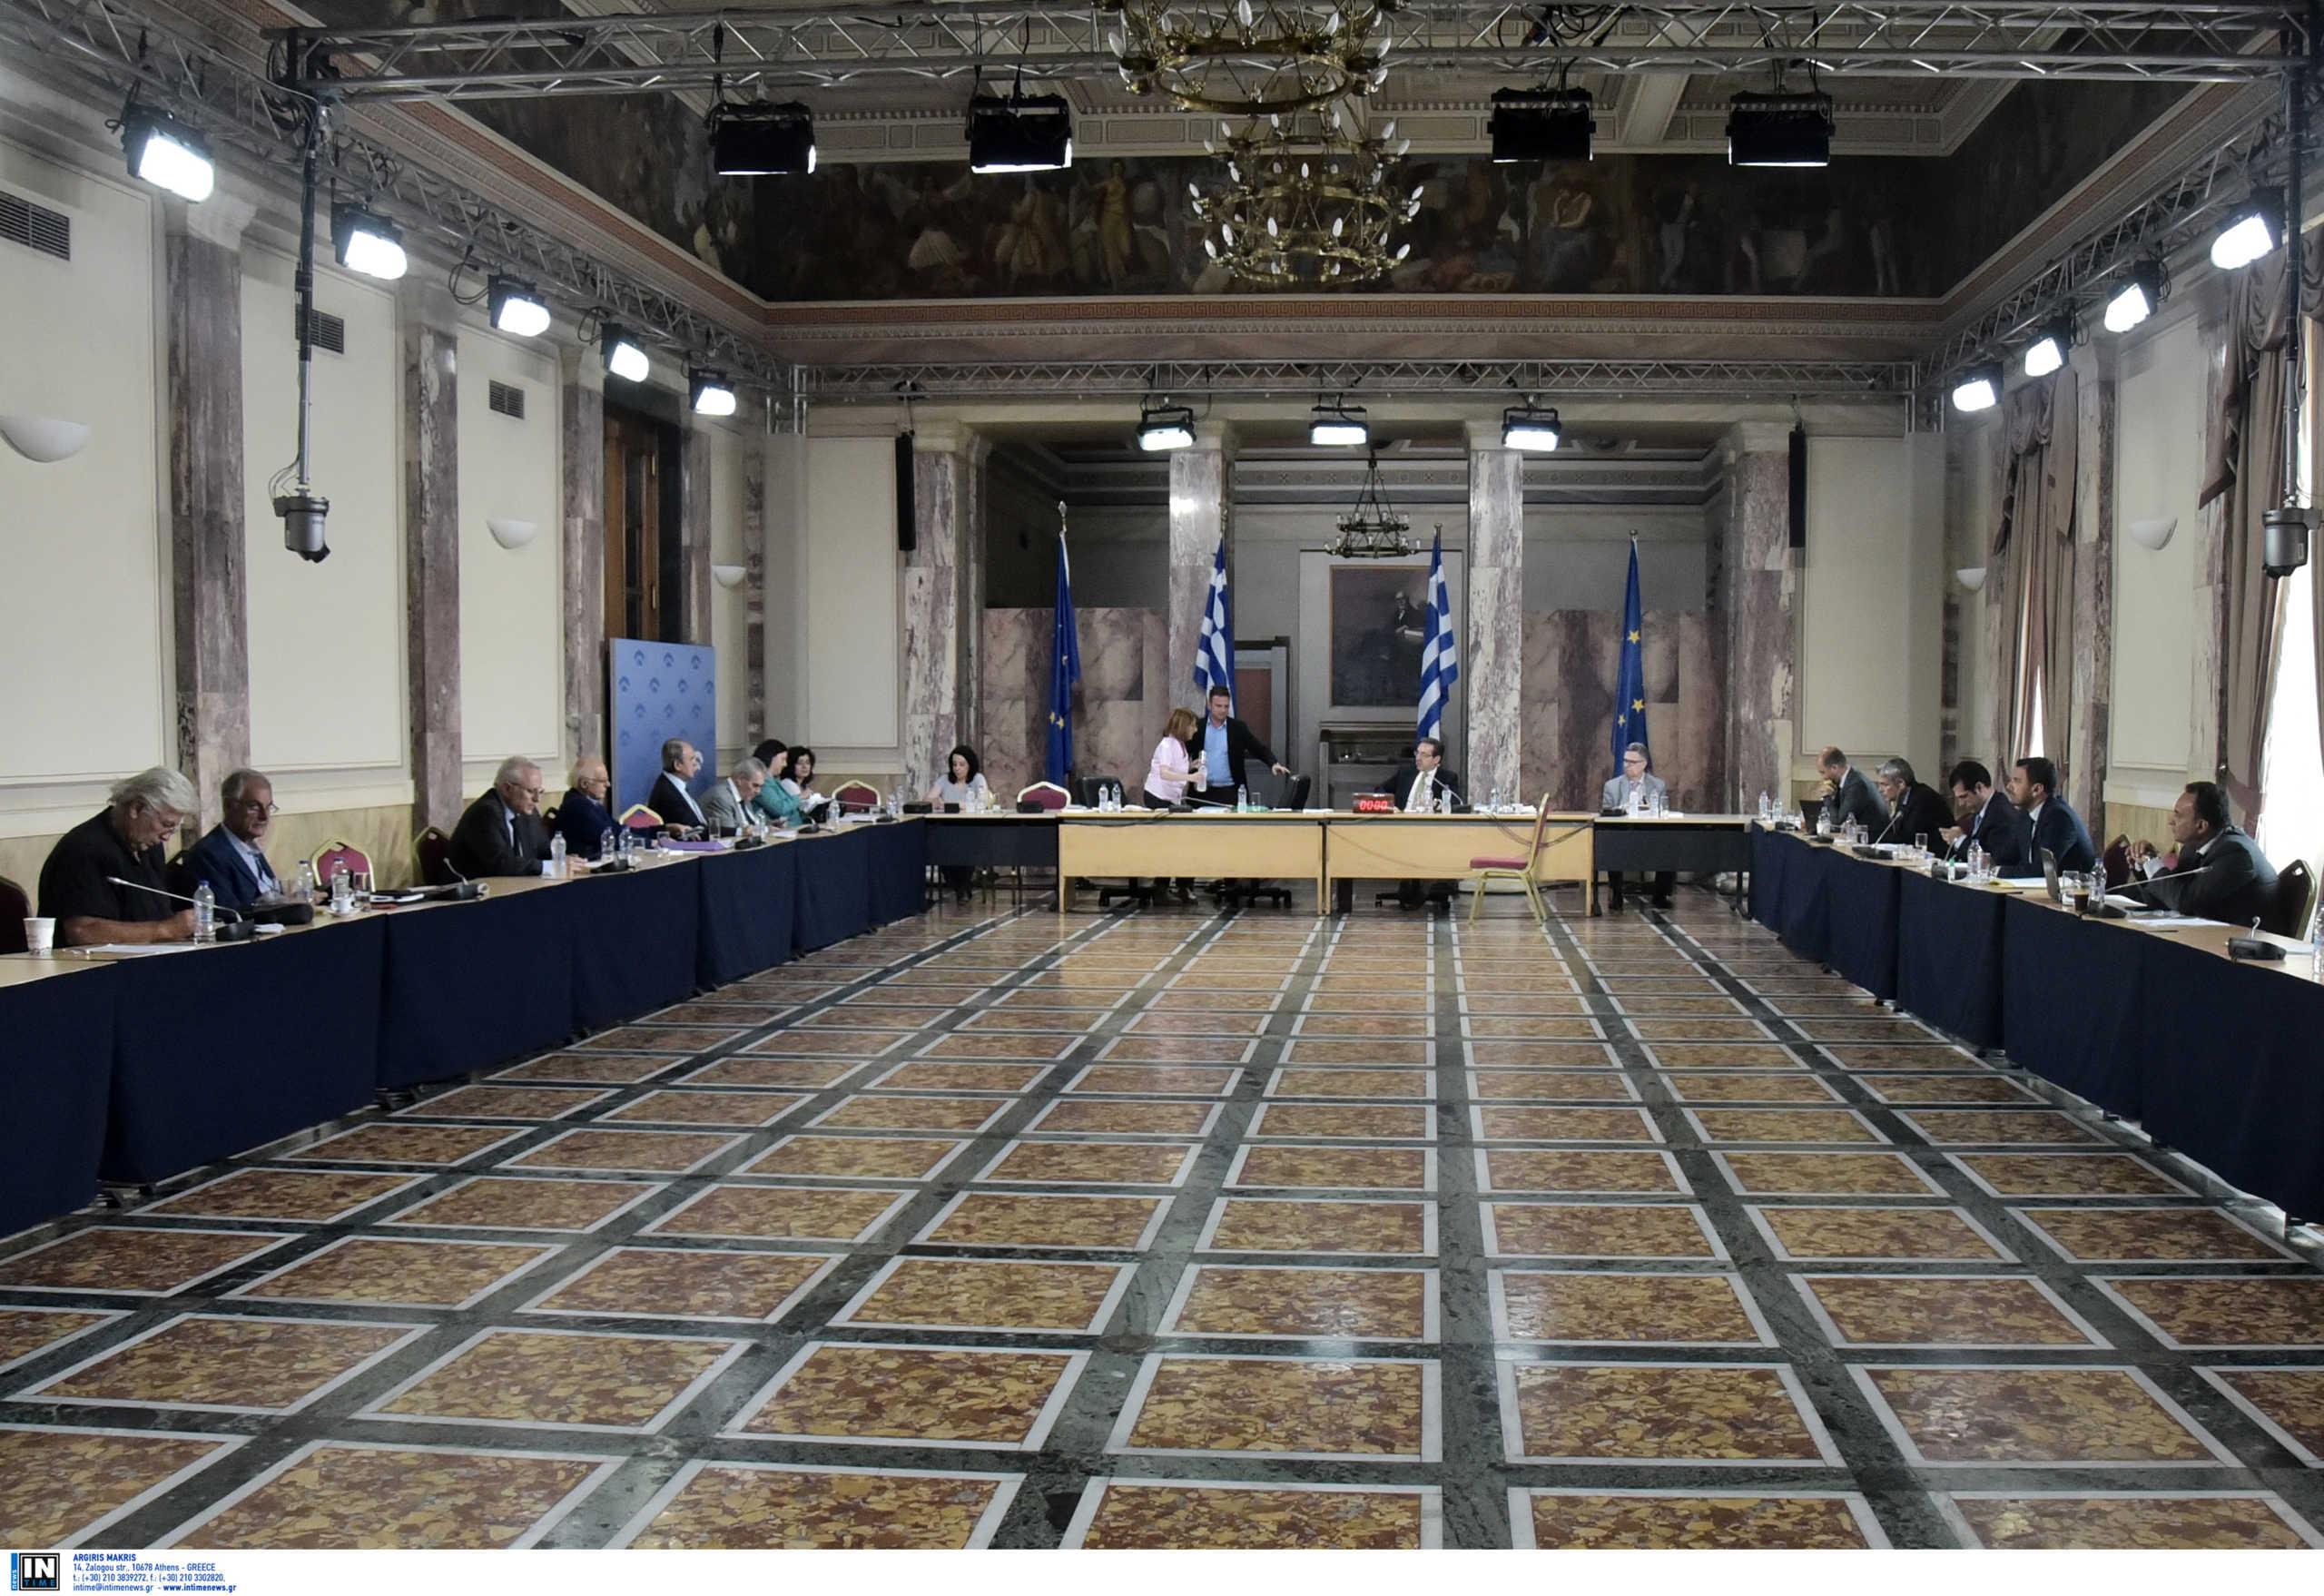 Παπαγγελόπουλος: Η δήλωση των βουλευτών του ΚΚΕ για το πόρισμα της προκαταρκτικής επιτροπής